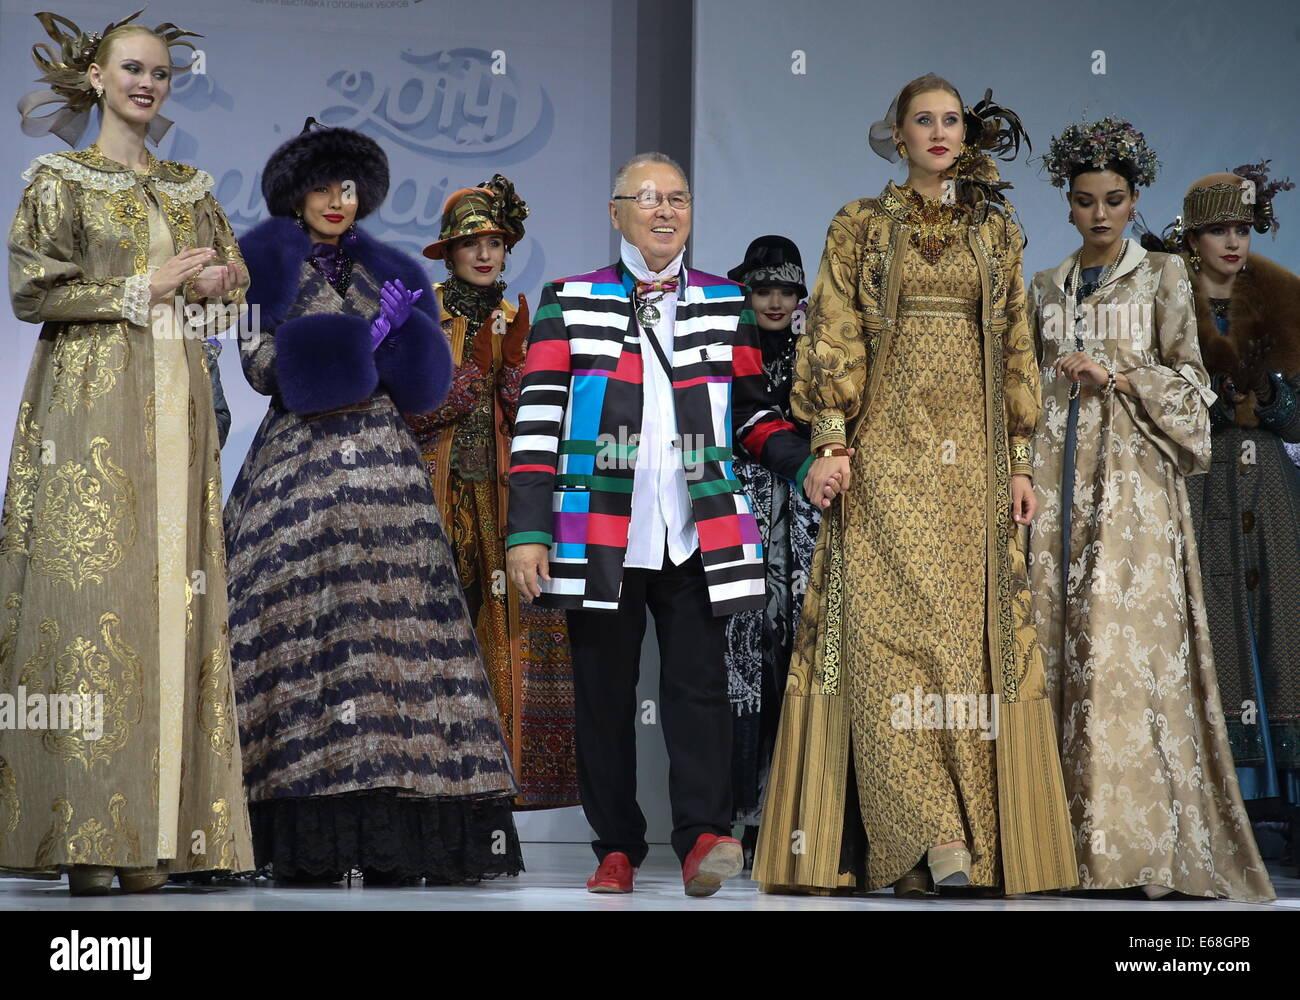 Moskau, Russland. 18. August 2014. Mode-Designer Vyacheslav Zaitsev (C) gesehen während seiner Modenschau im Rahmen Stockfoto